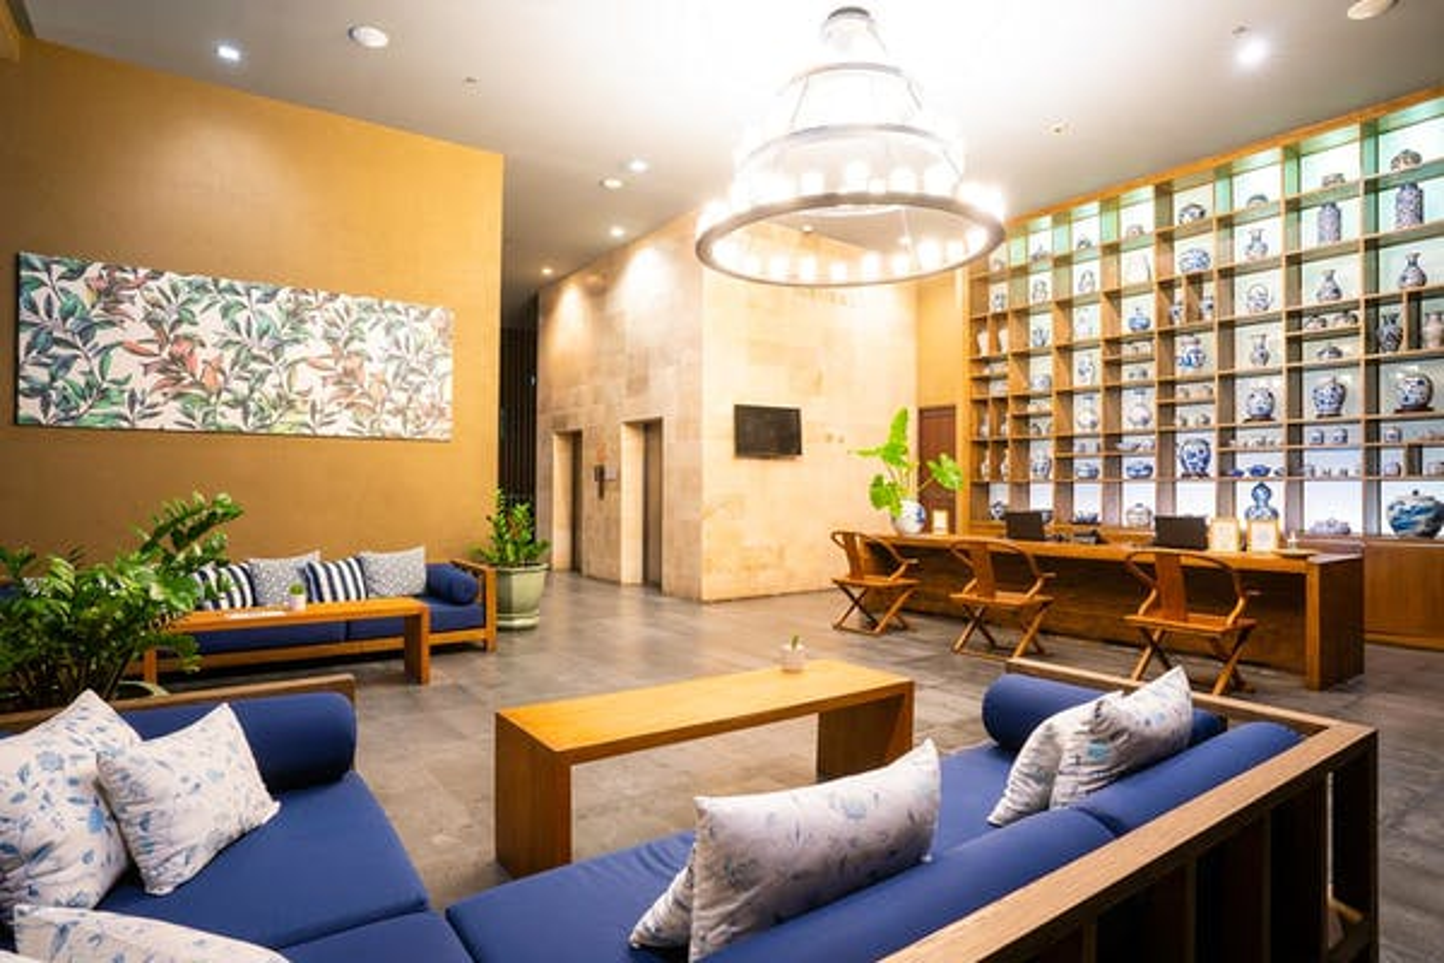 Sunsuri Phuket Hotel - Image 1